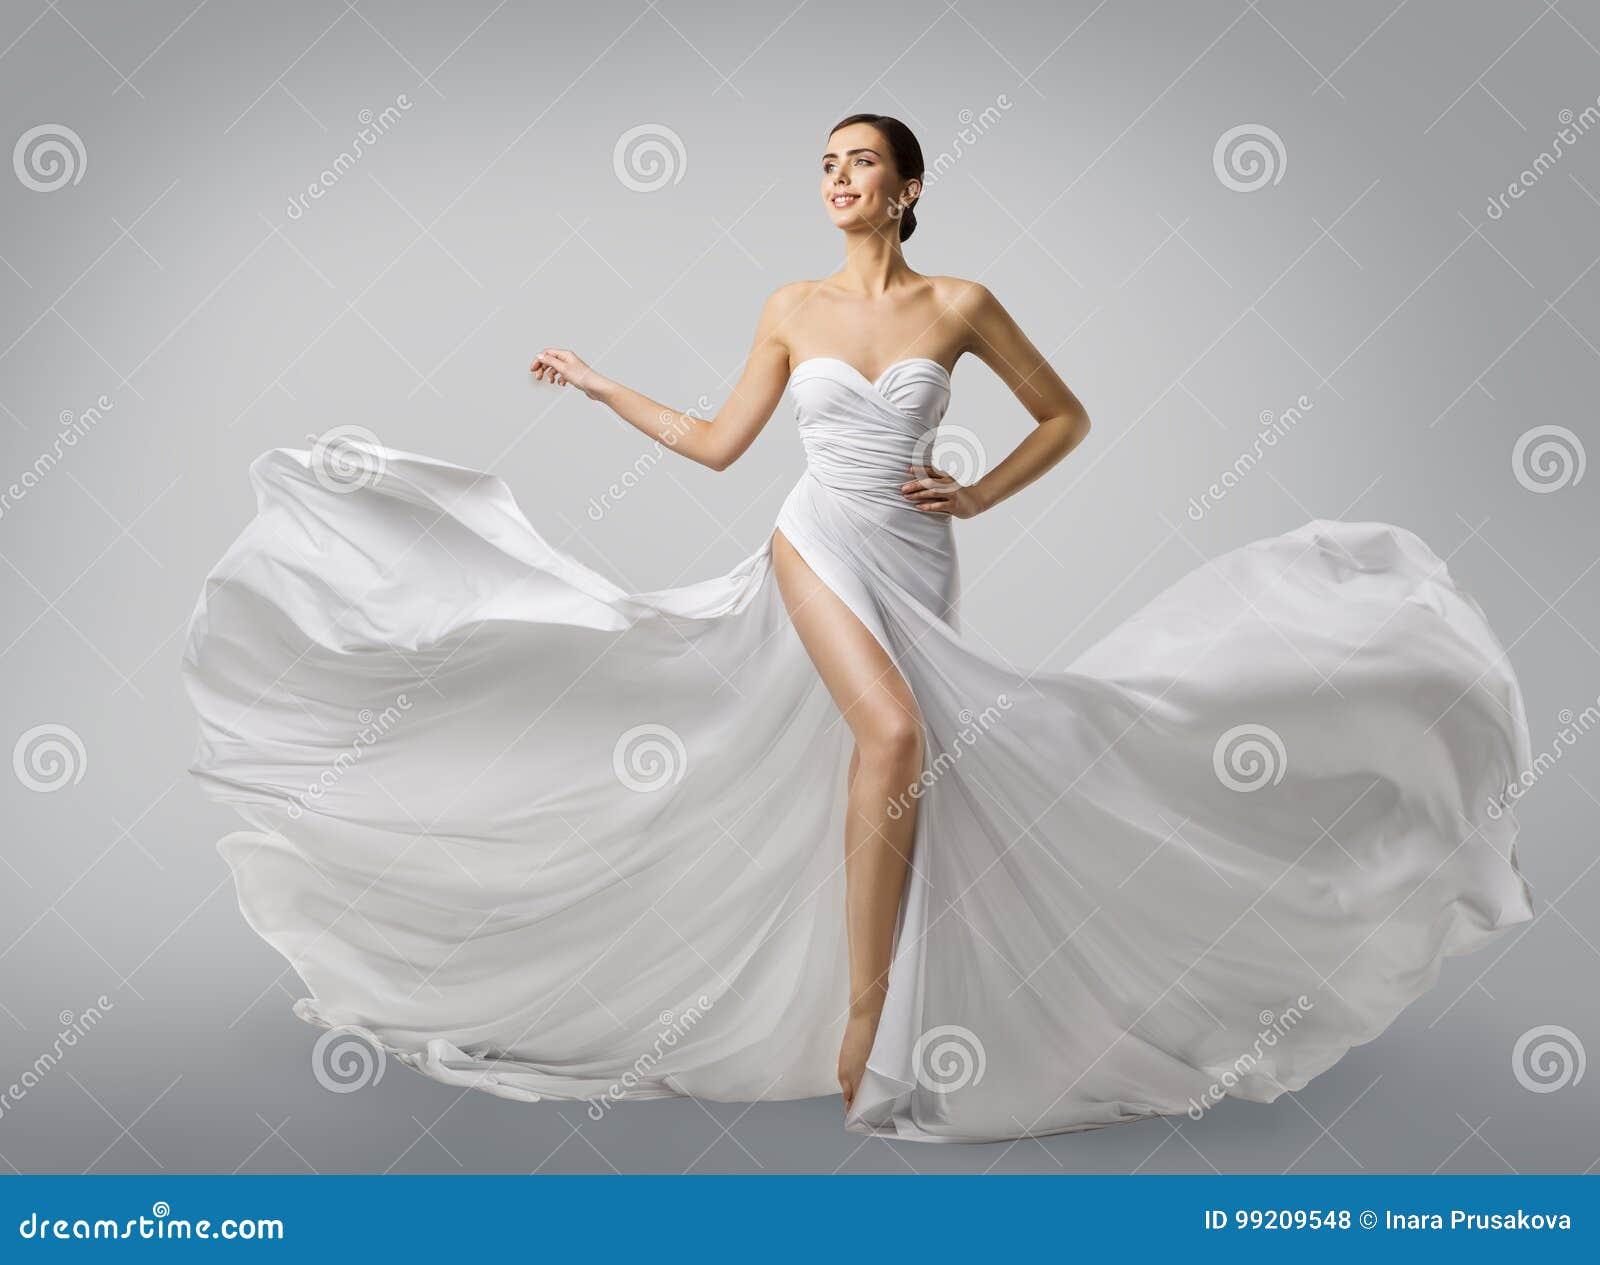 Vestido branco da mulher, modelo de forma Bride no vestido de casamento de seda longo